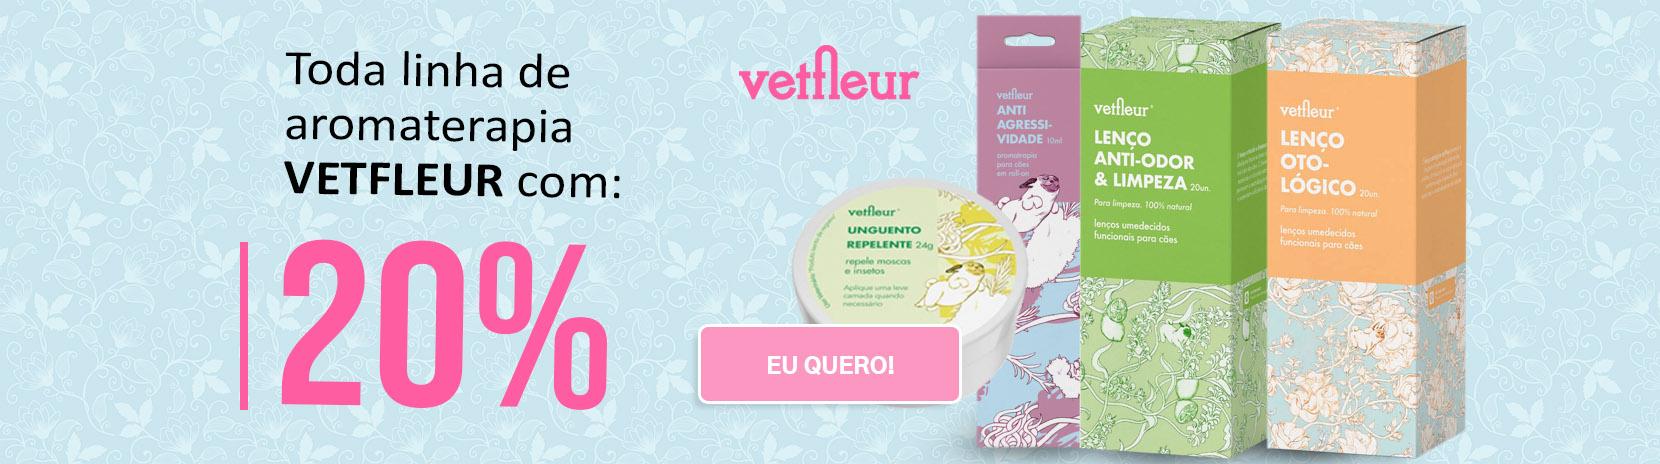 Promoção VEtfleur